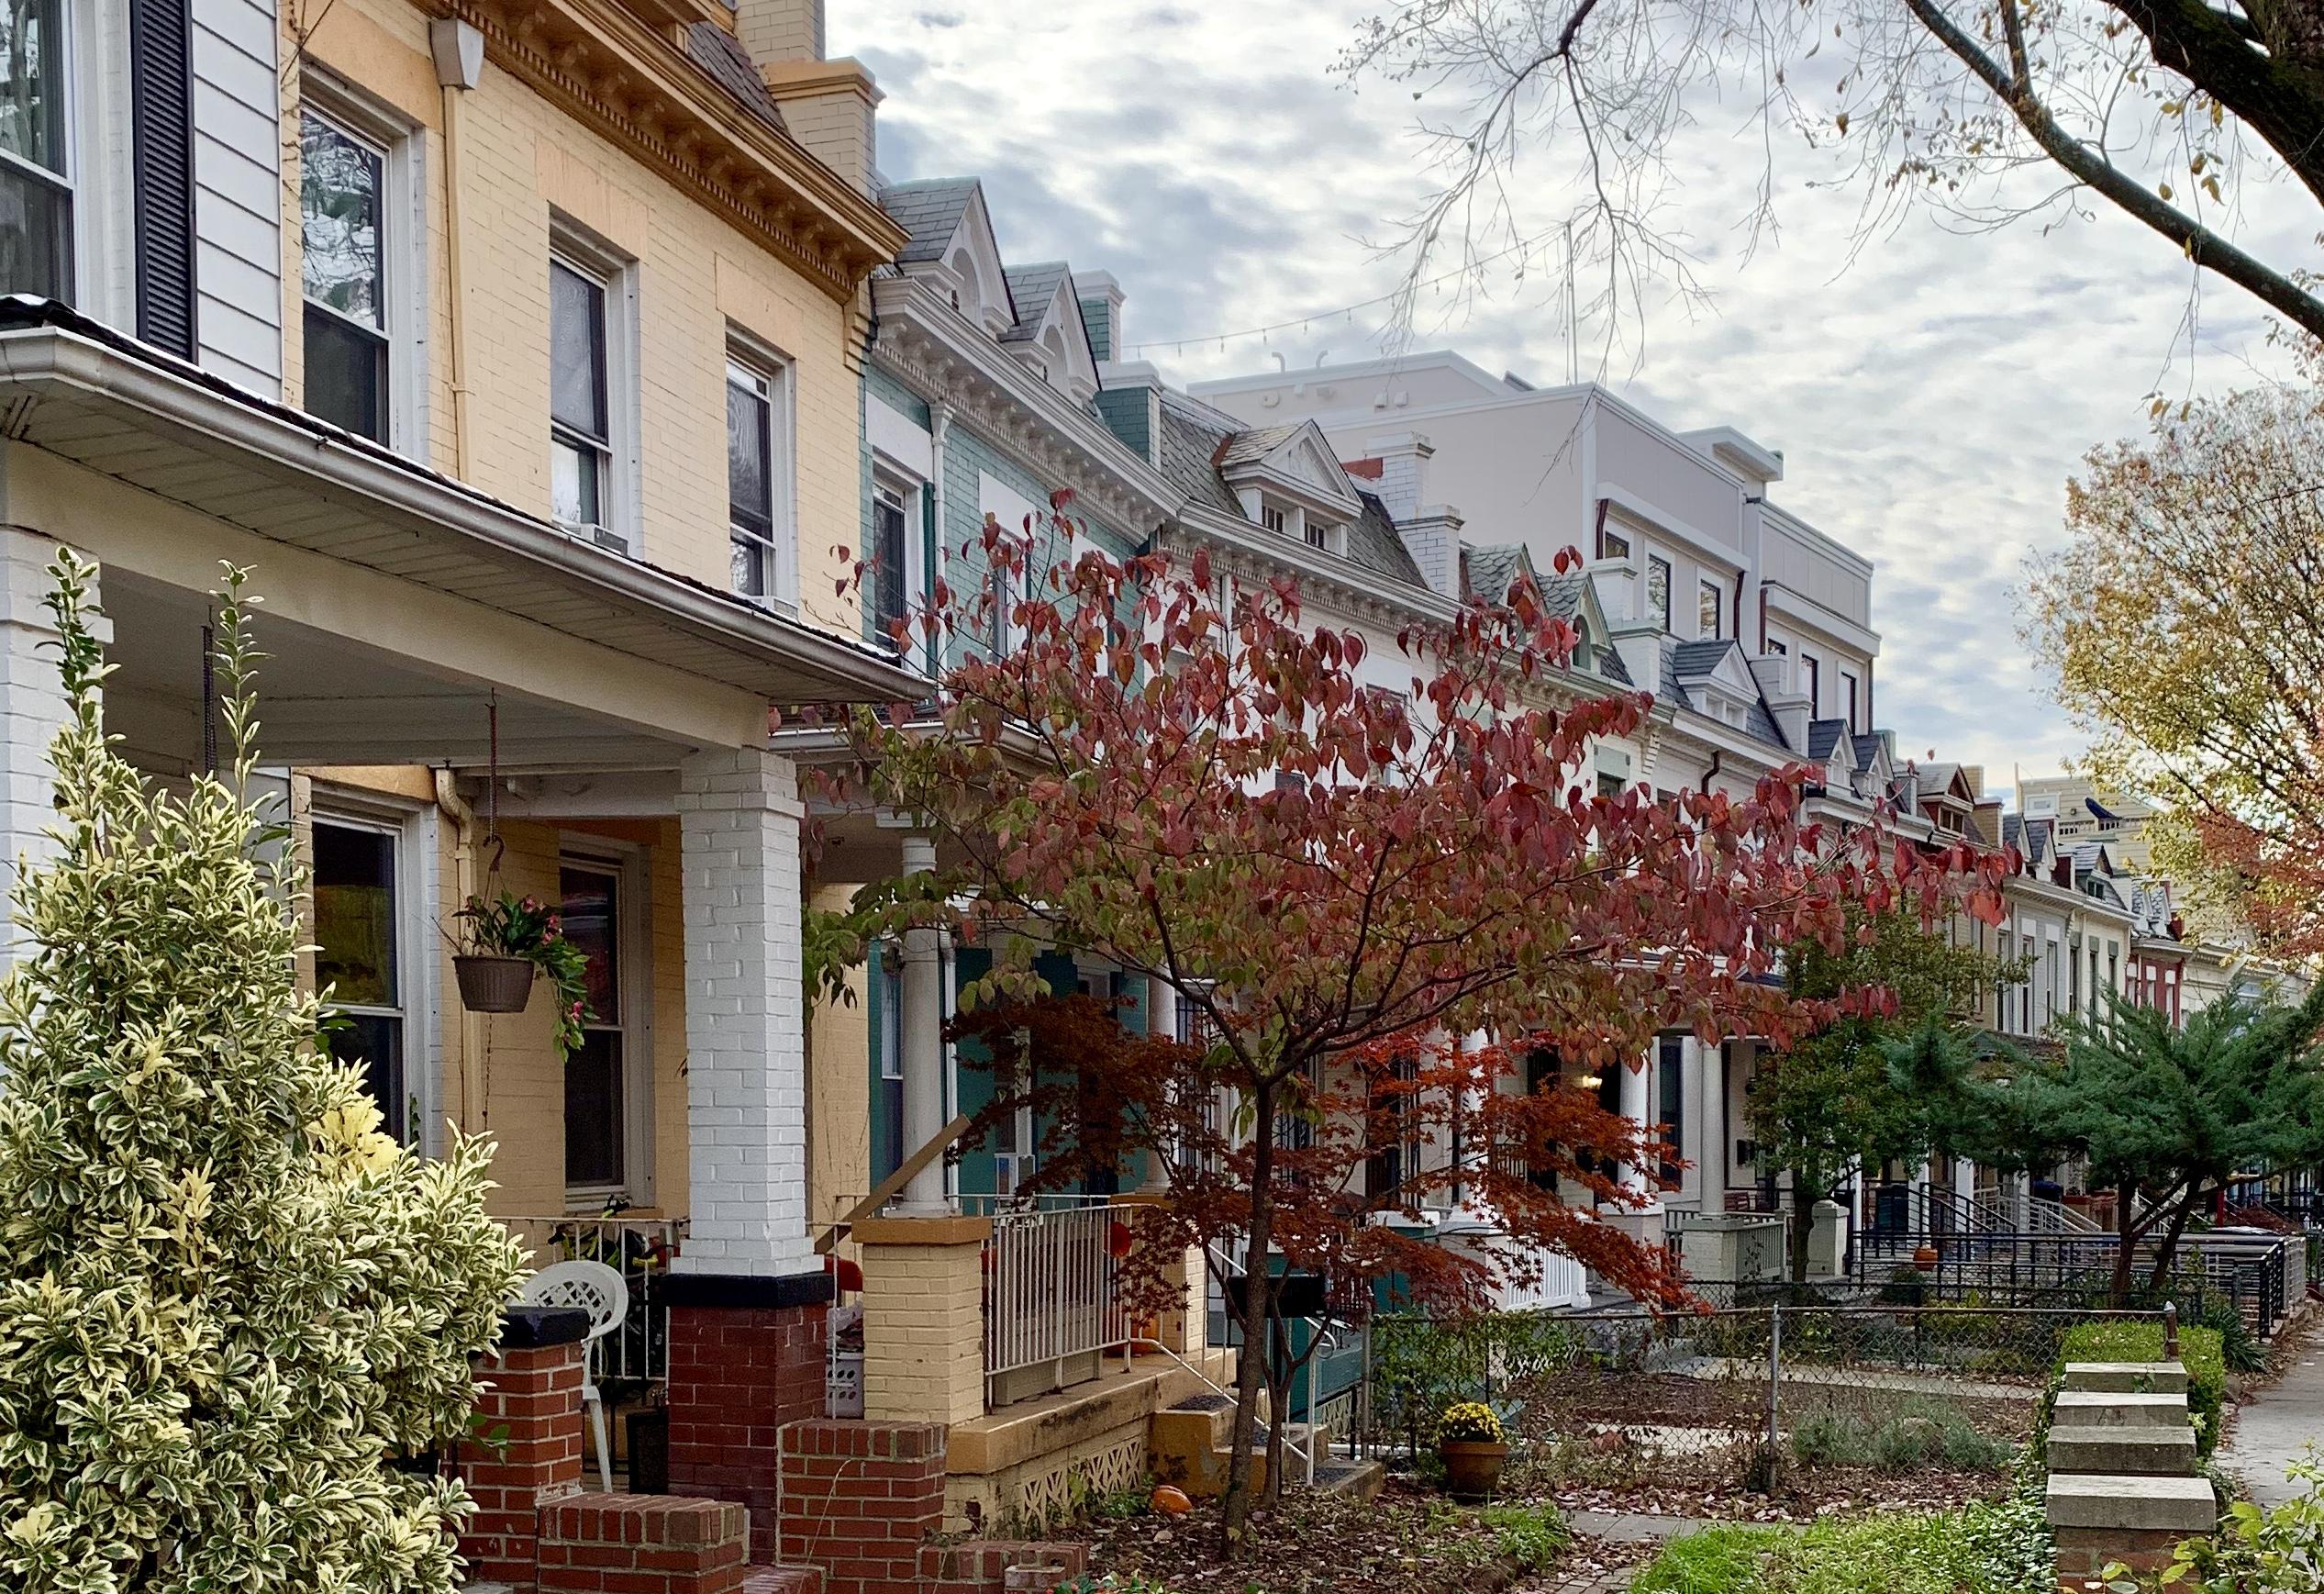 Craftsman Homes in Washington, DC. Bryant Street in Bloomingdale